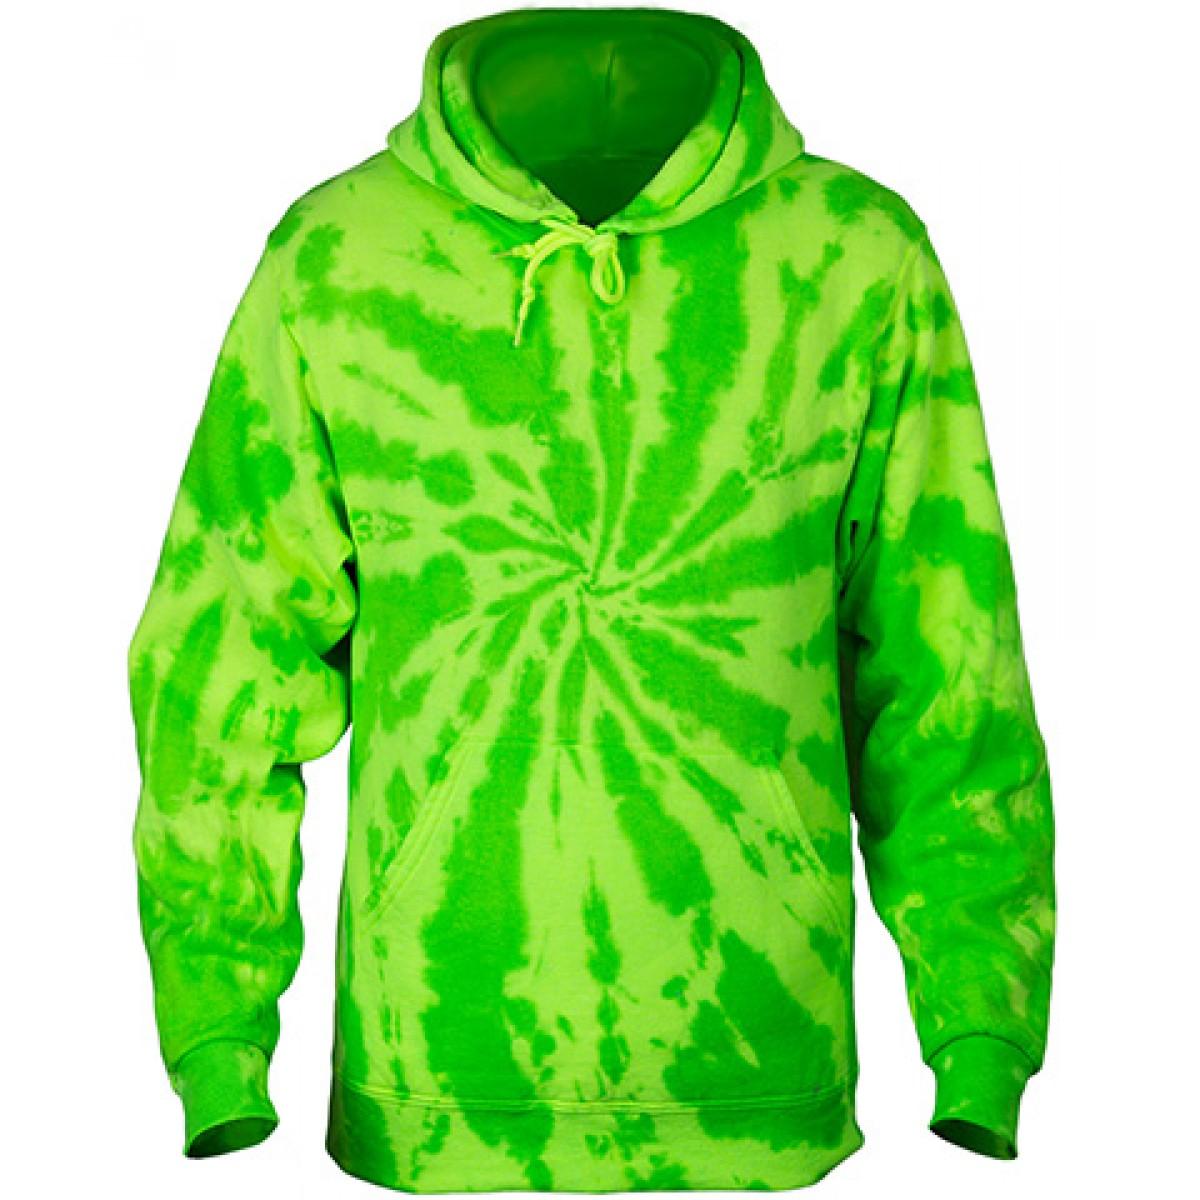 Tie-Dye Pullover Hooded Sweatshirt-Neon Green-3XL